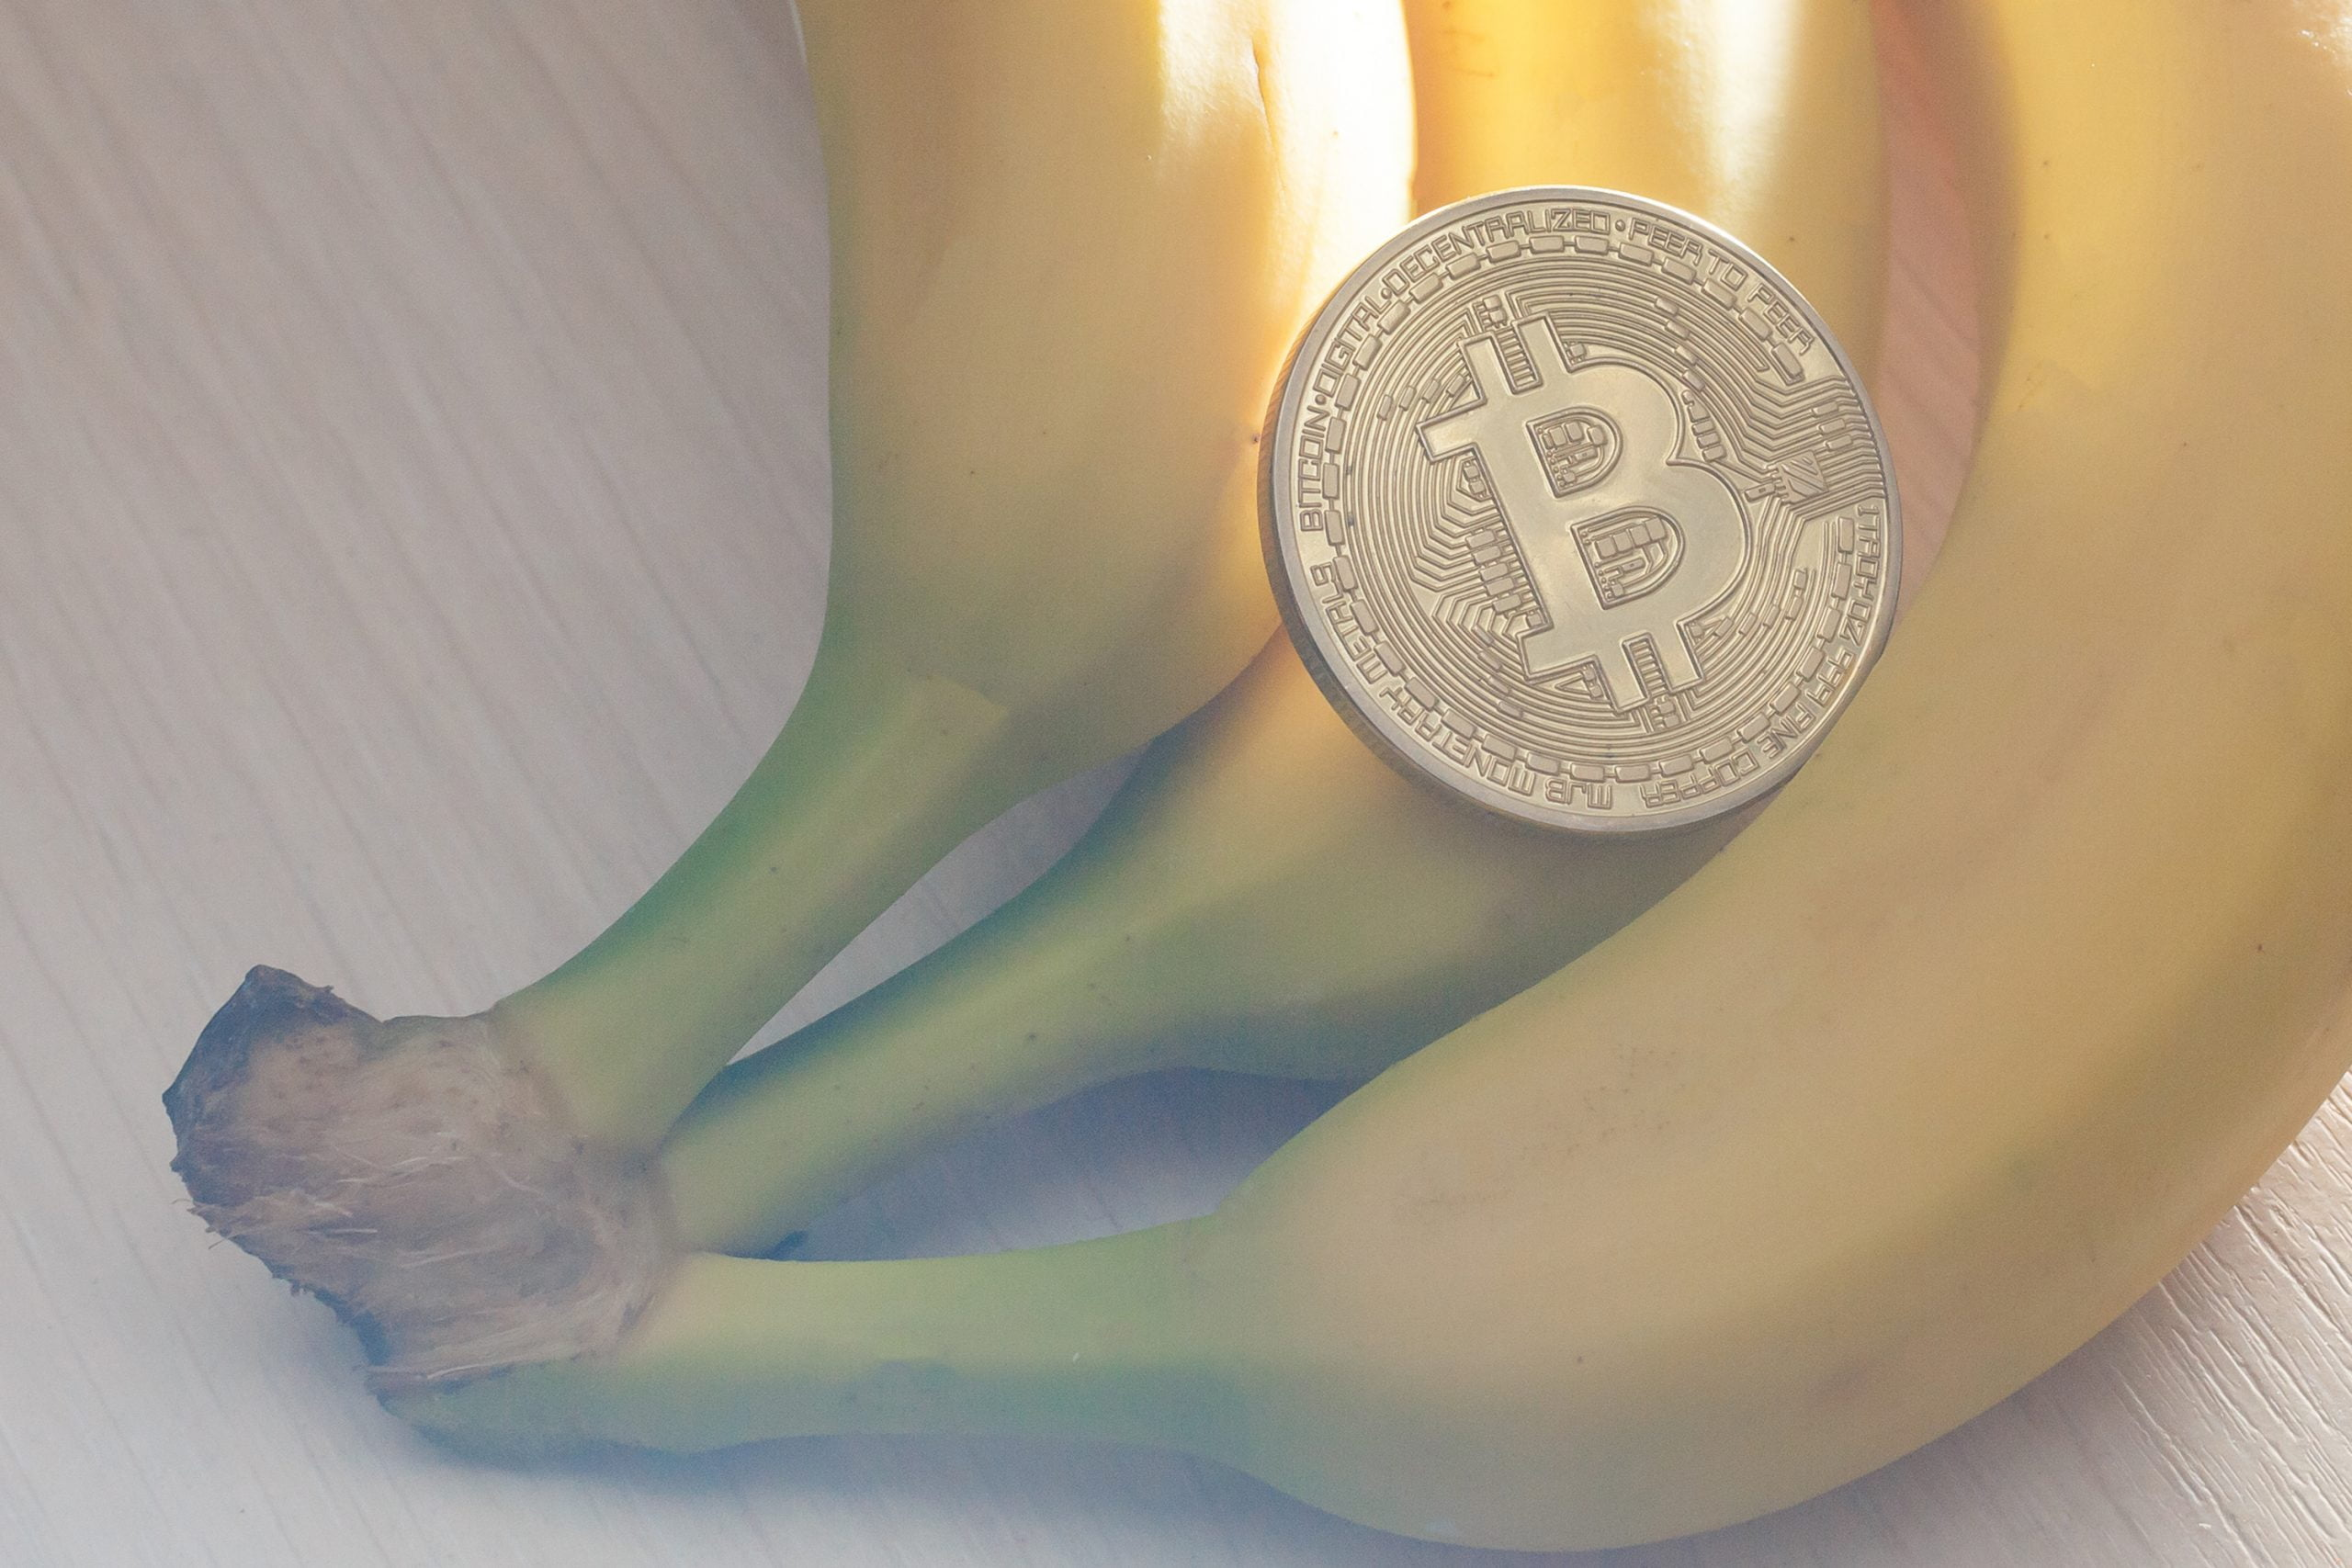 ¡Plátanos!  El multimillonario Shark Mark Cuban llama a Bitcoin más religión que solución